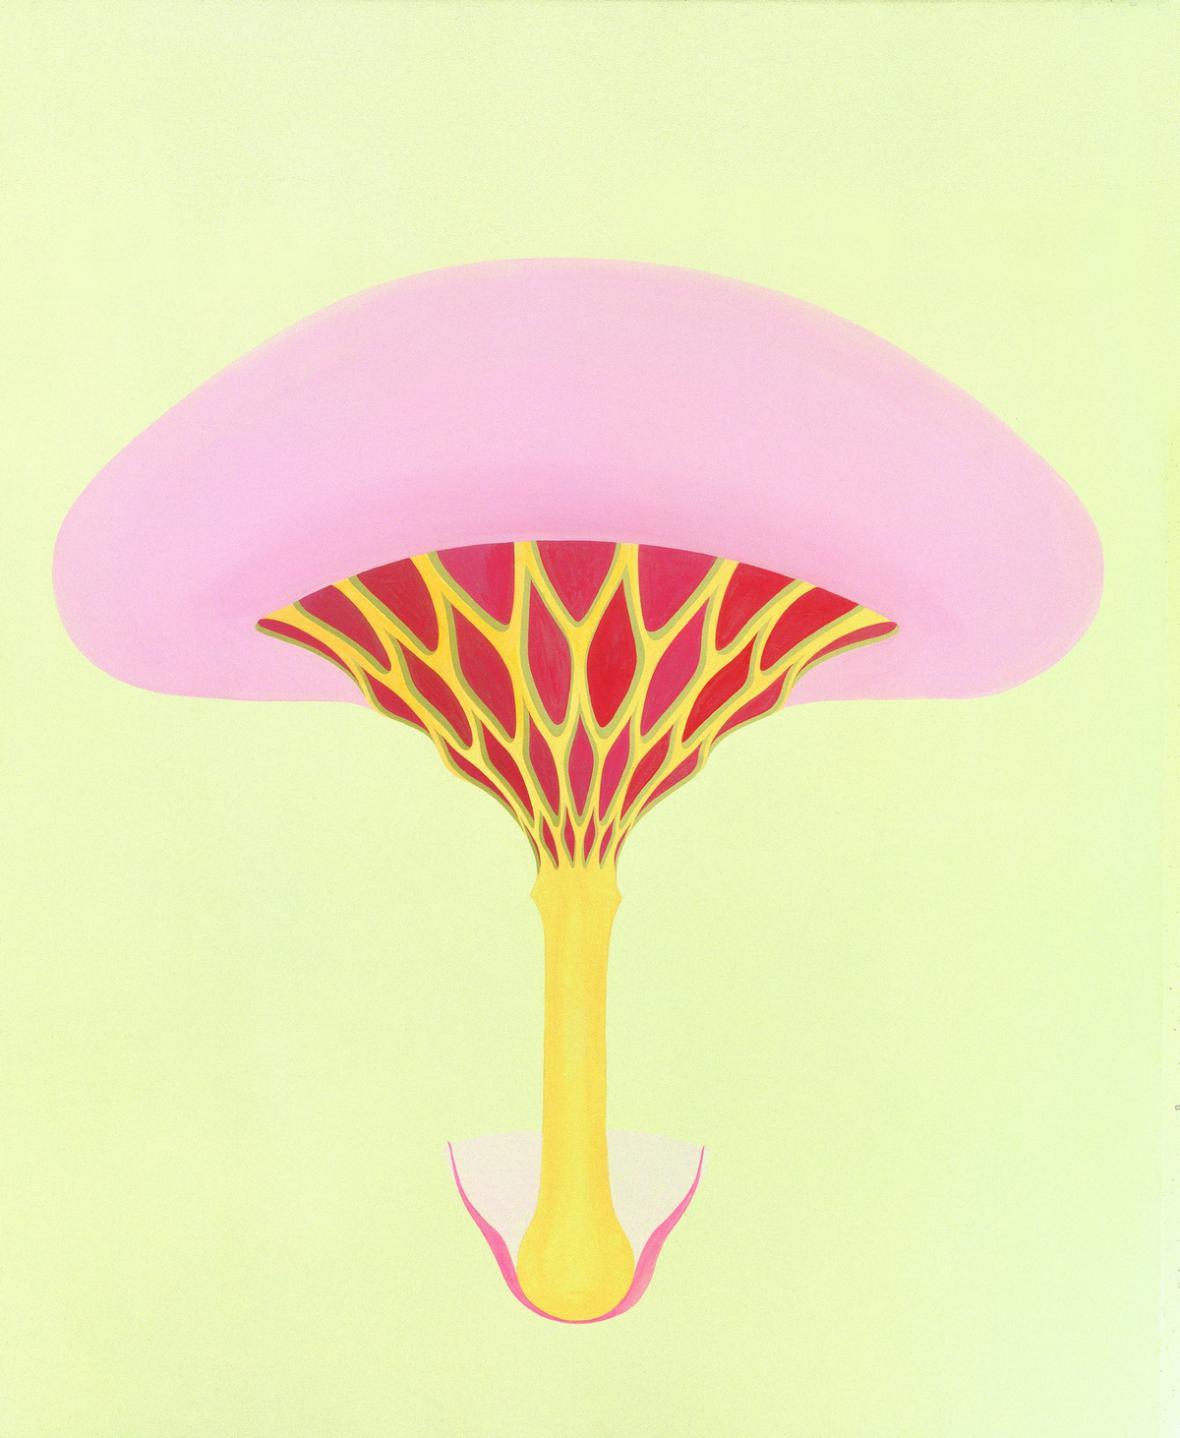 Petr Nikl / Žebrovaná houba, 2001